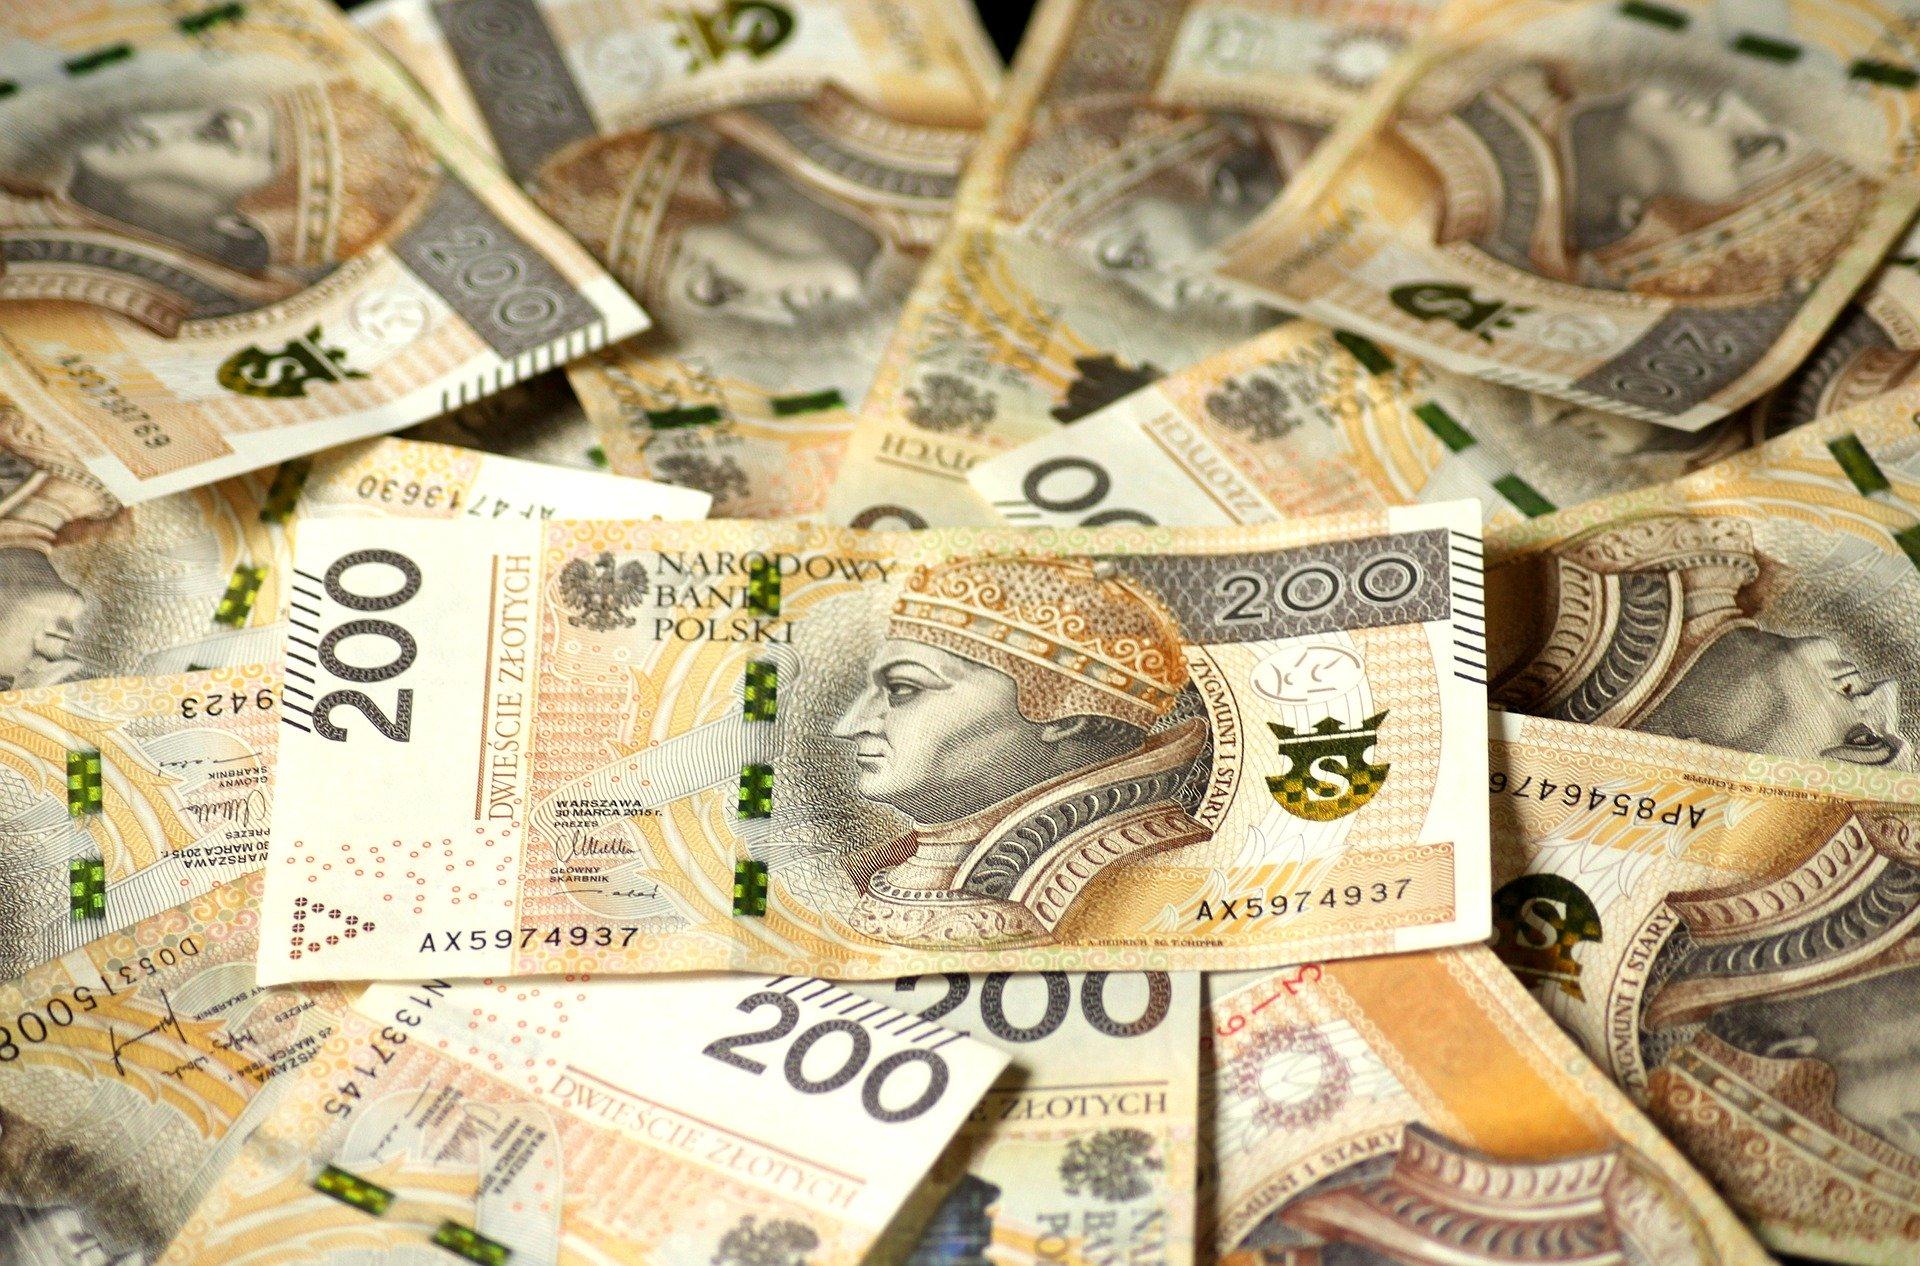 Fundusz, czyli strumień pieniędzy dla samorządów